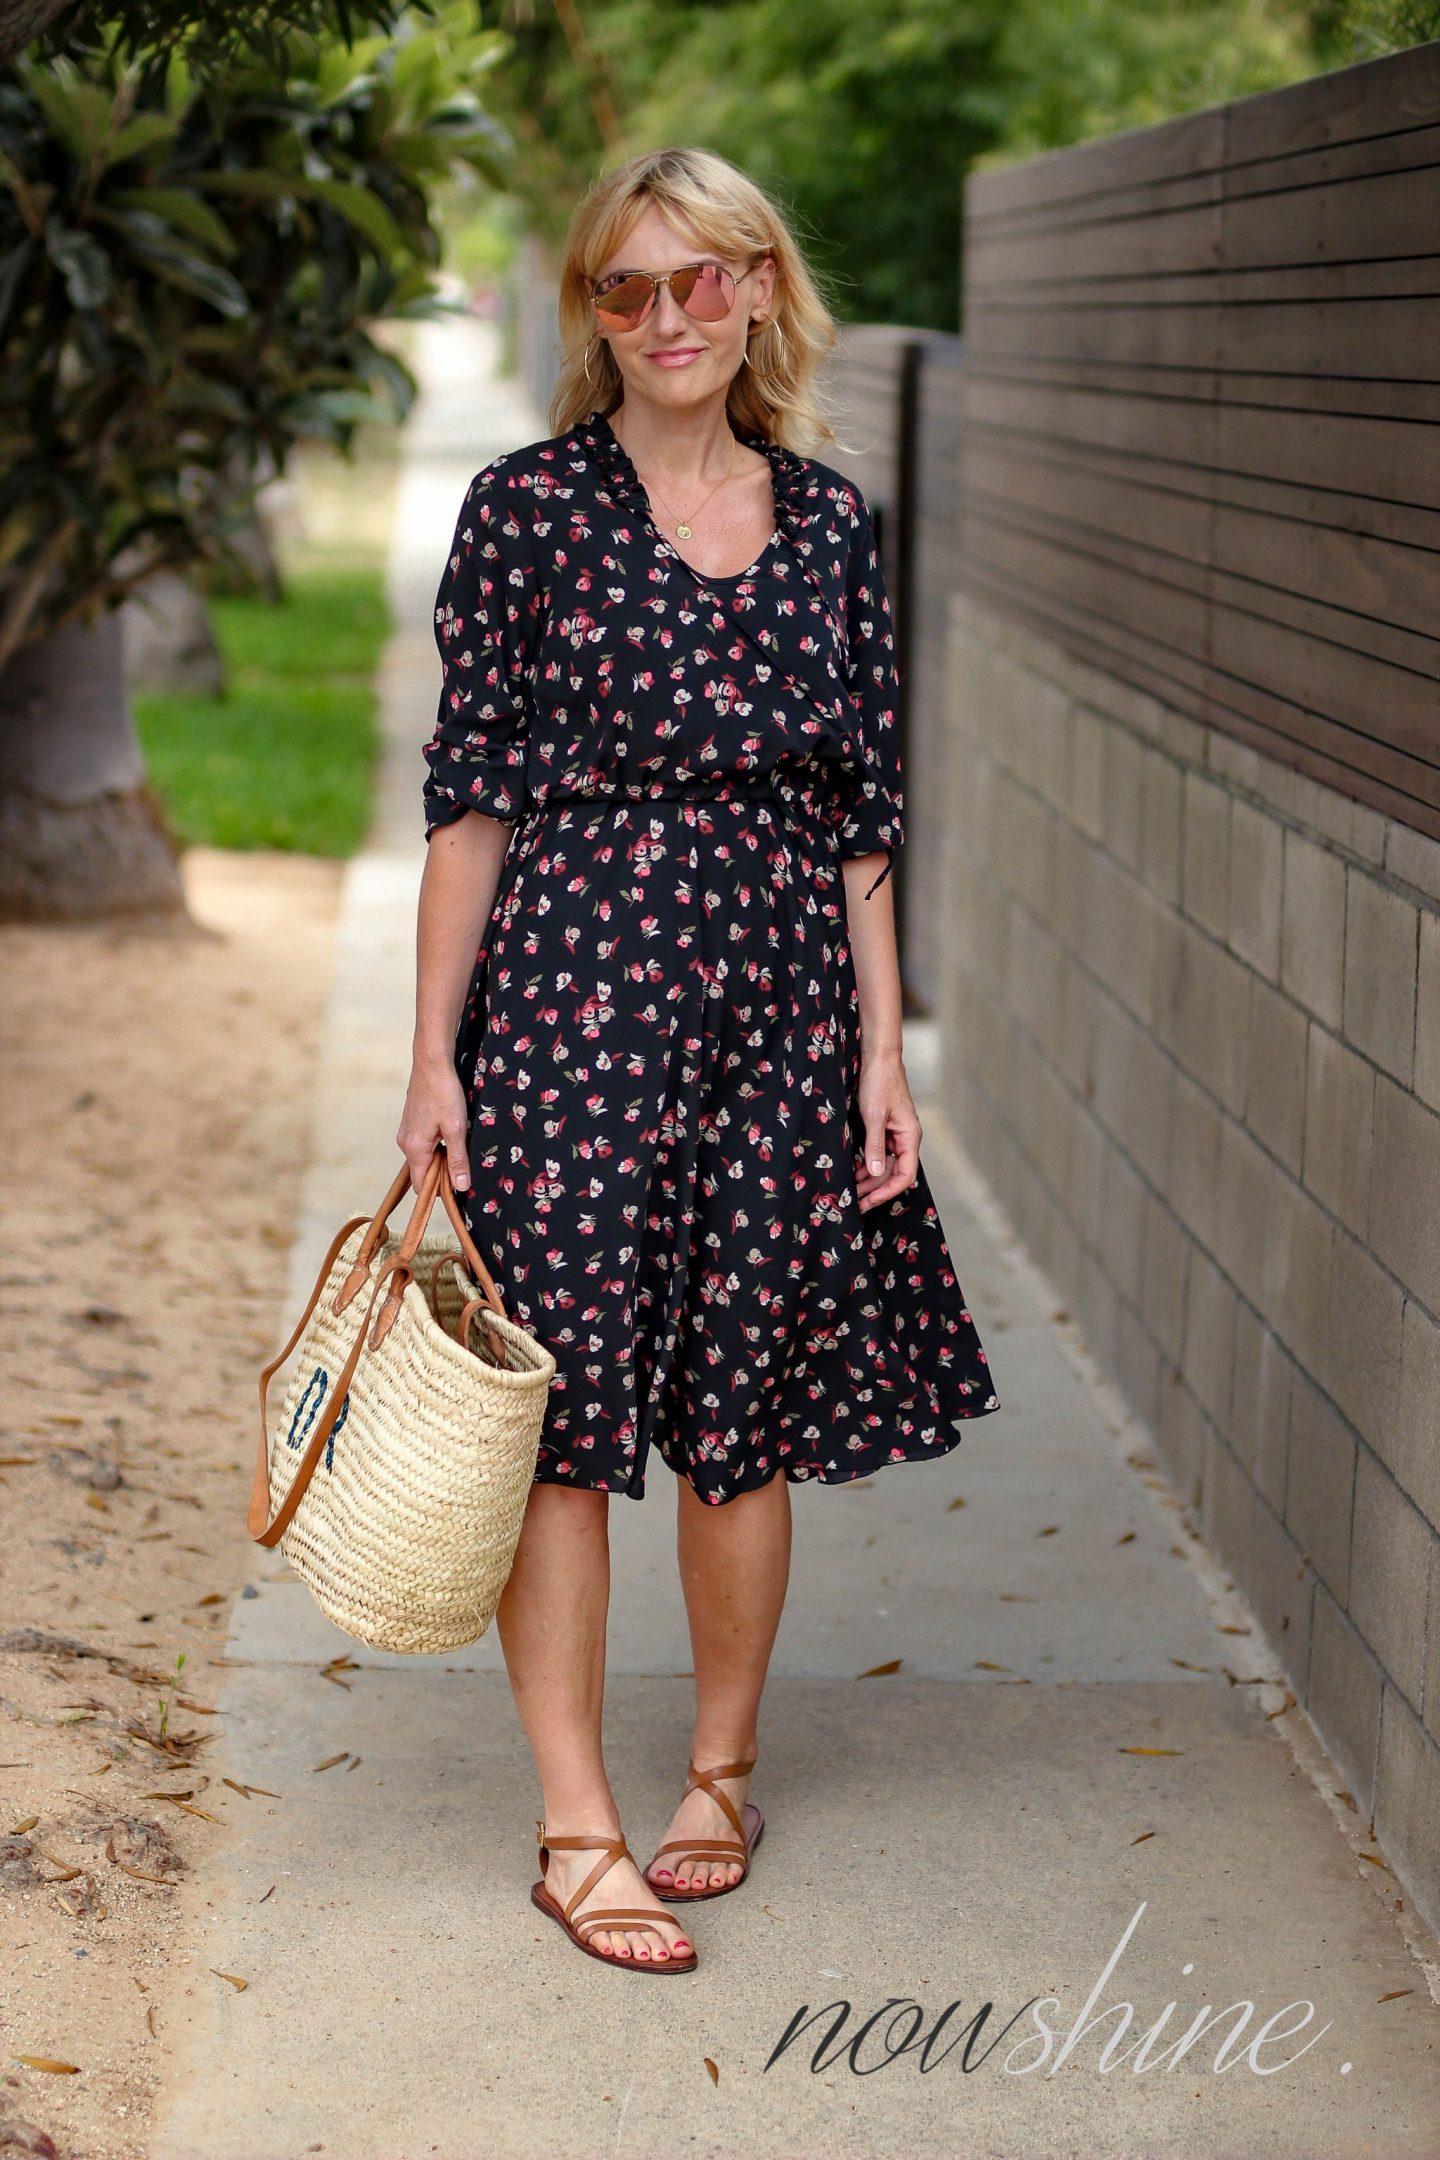 Aus dem WENZ Katalog - Kleid mit Blumen in Venice, Los Angeles, Kalifornien - Nowshine ü 40 Reiseblog